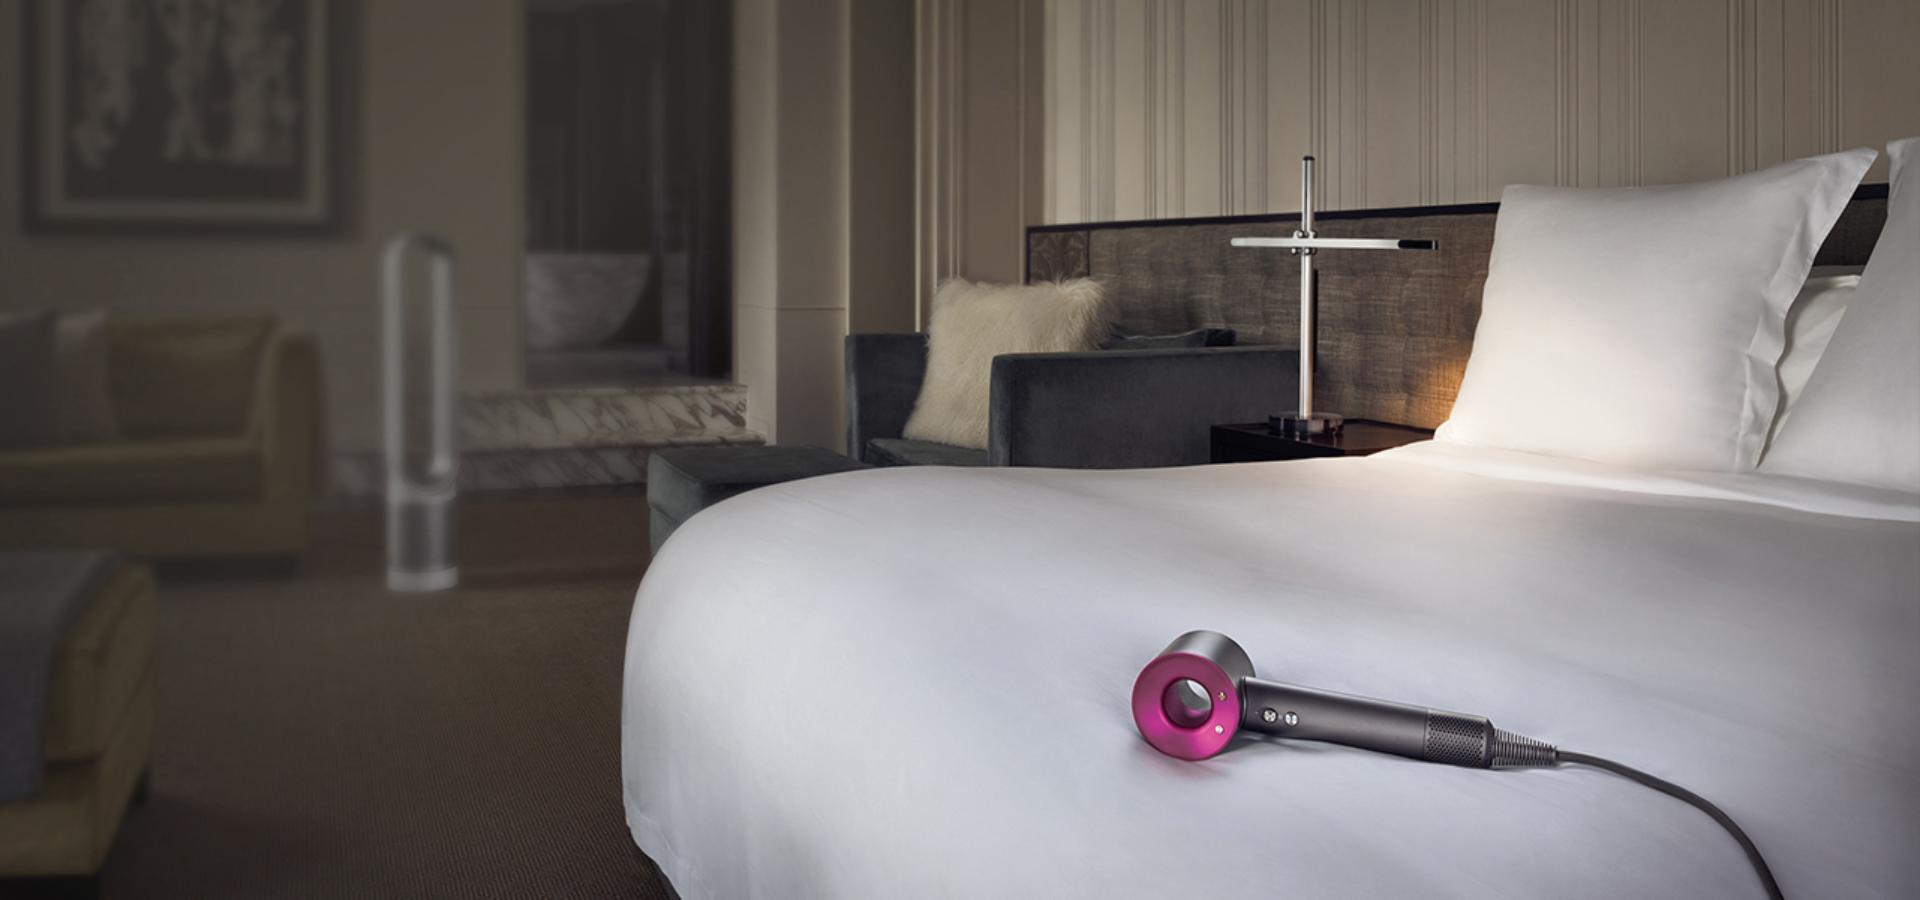 침대 위 다이슨 슈퍼소닉™ 헤어드라이어